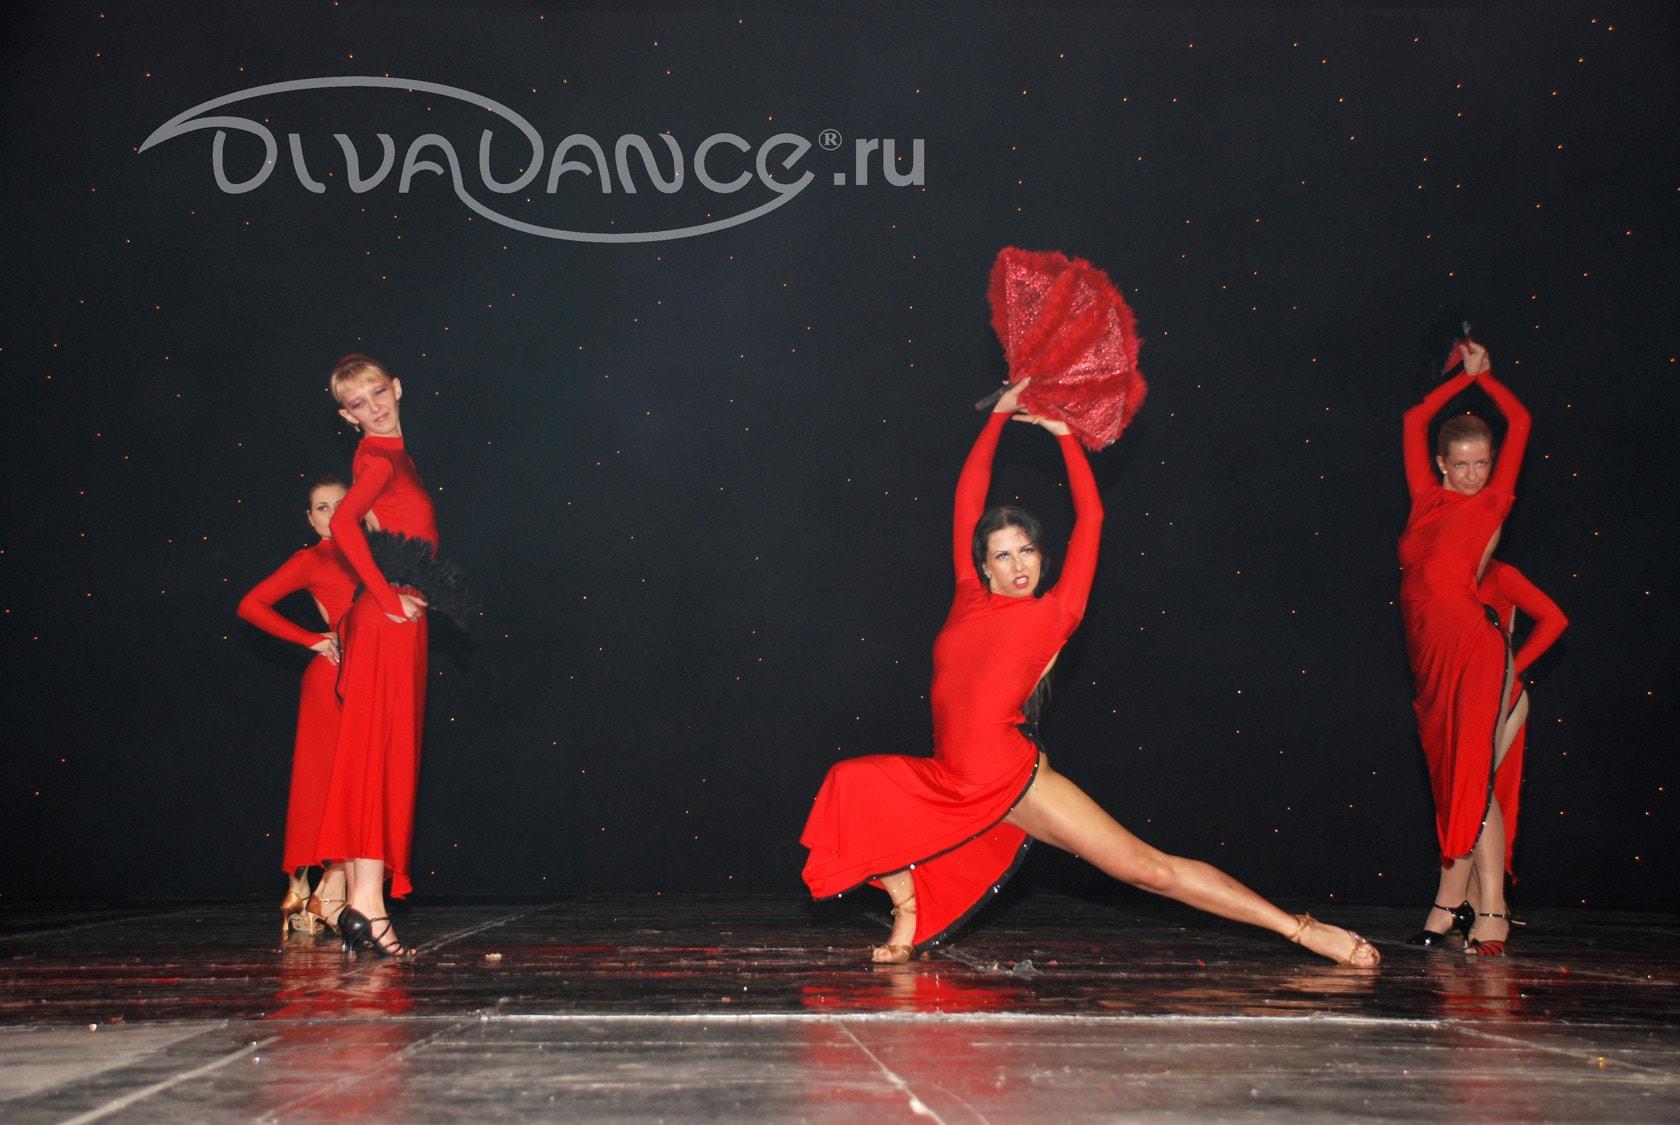 Видео танец в длинных платьях